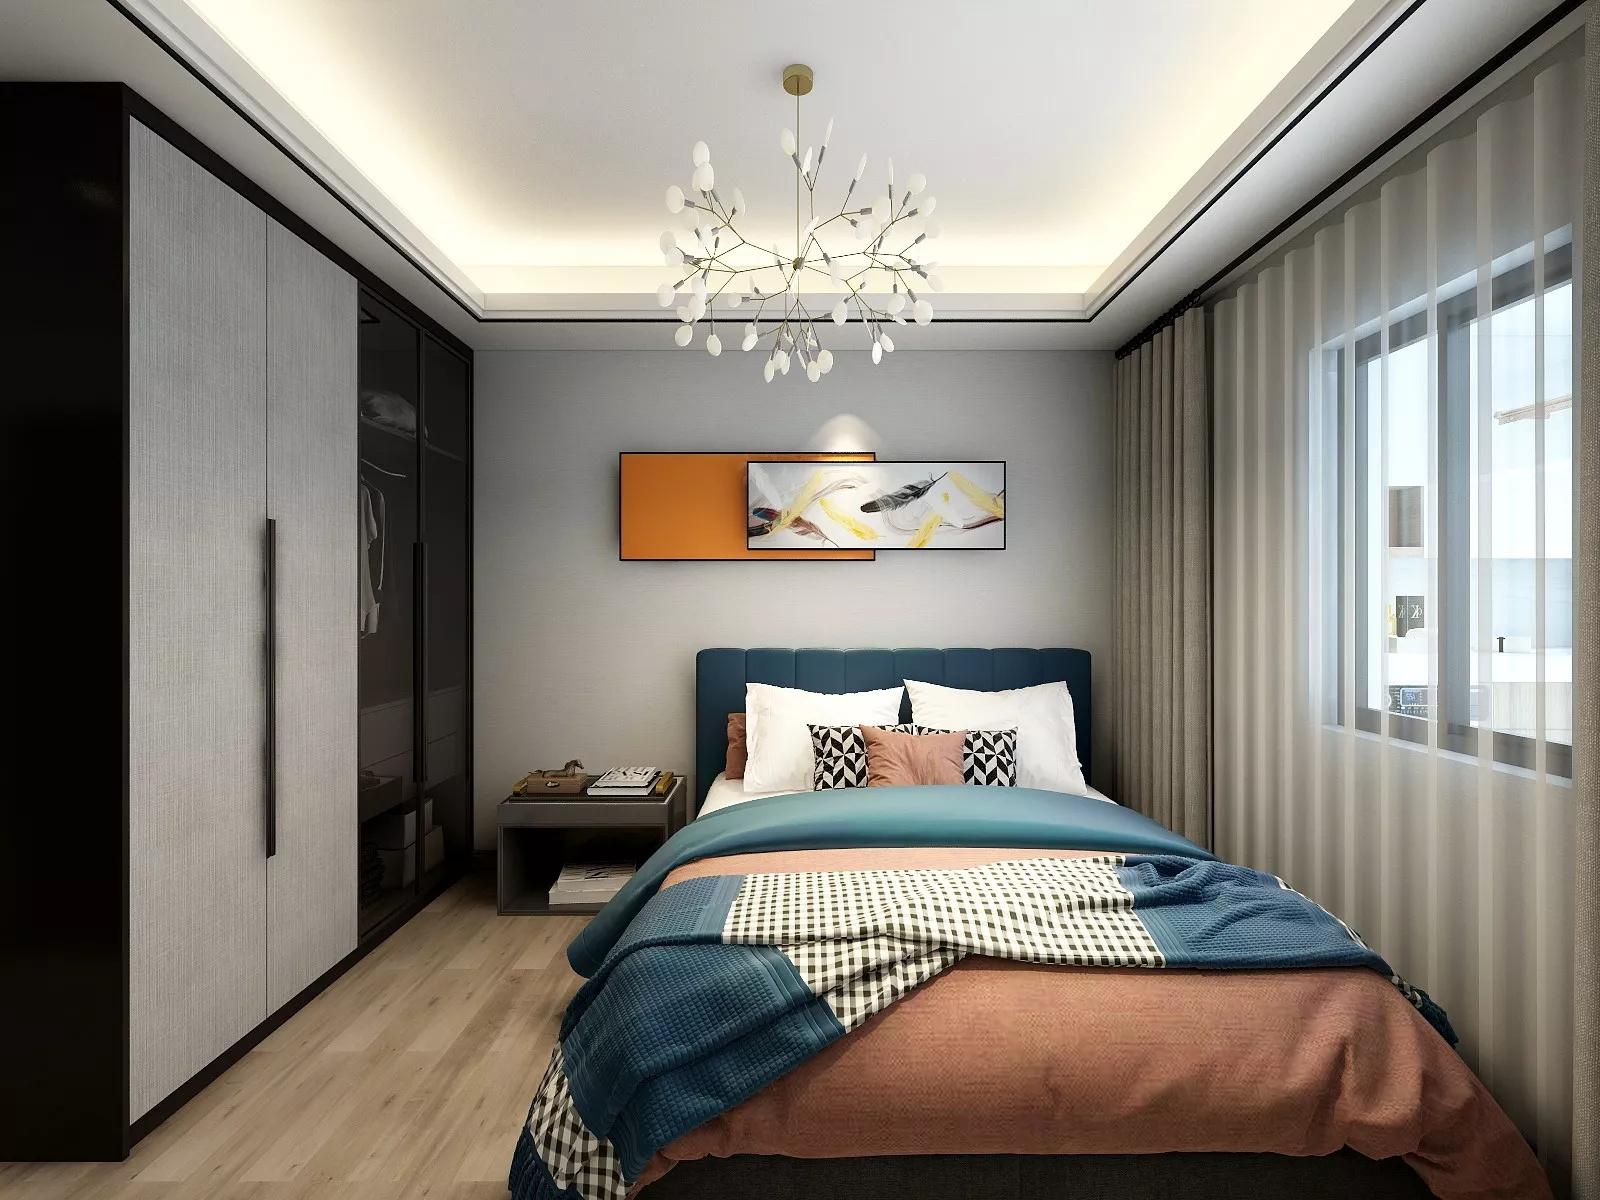 风信子有毒吗 风信子适合放在卧室养吗